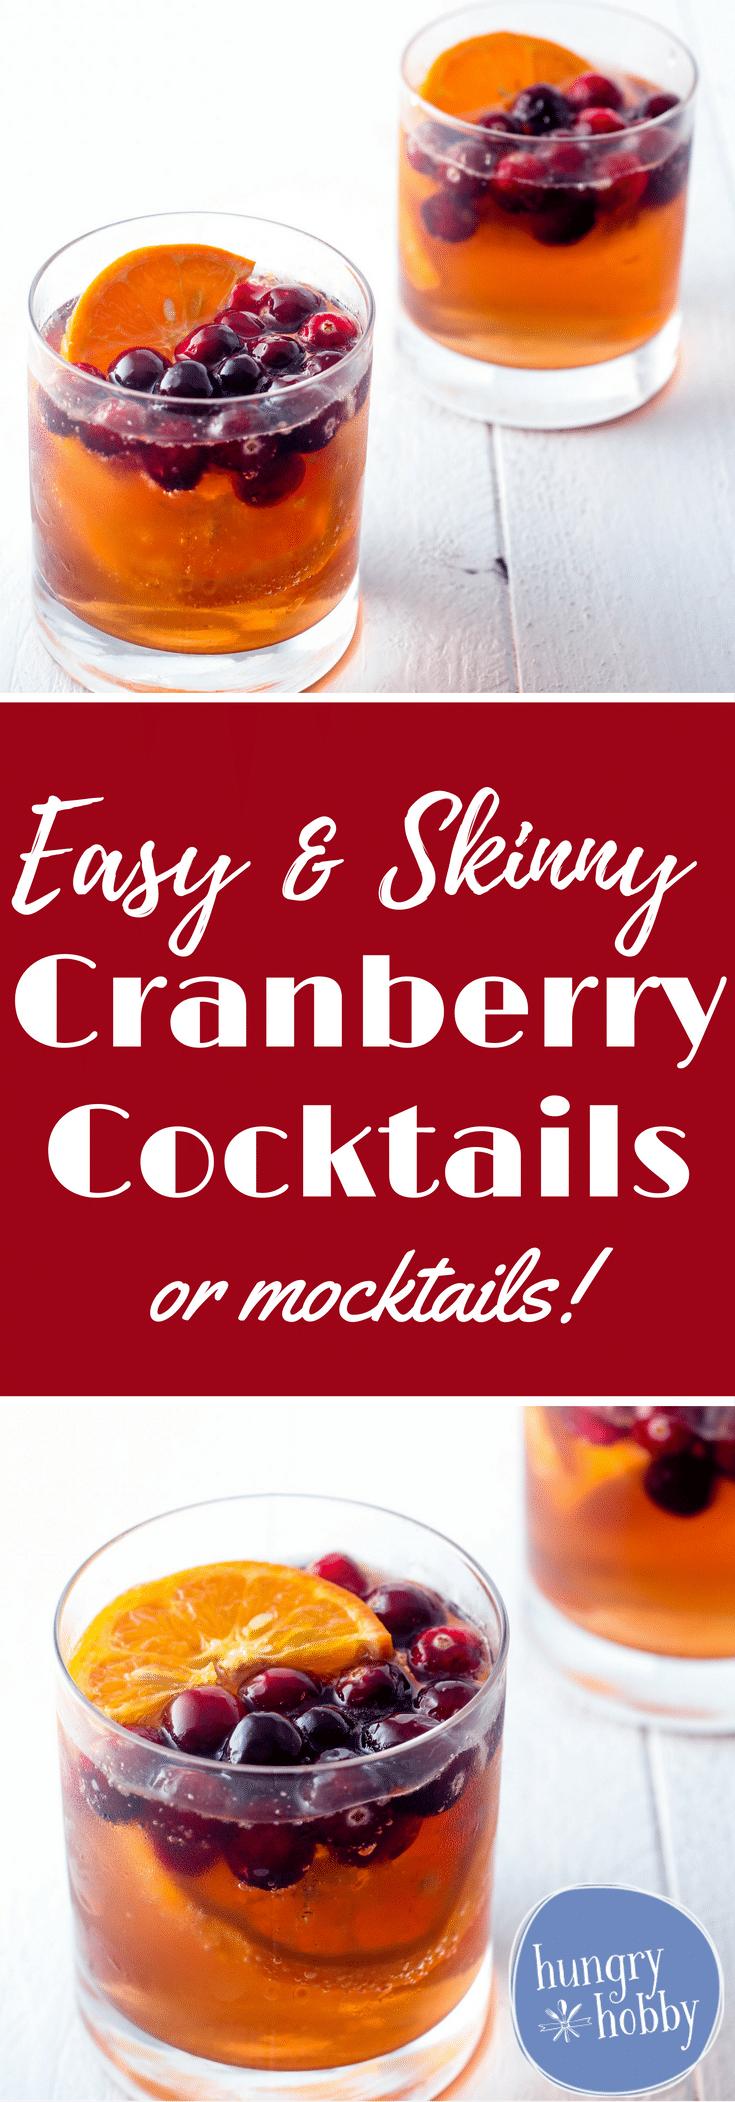 Skinny Cranberry Orange Easy Cocktails or Easy Mocktails recipe!